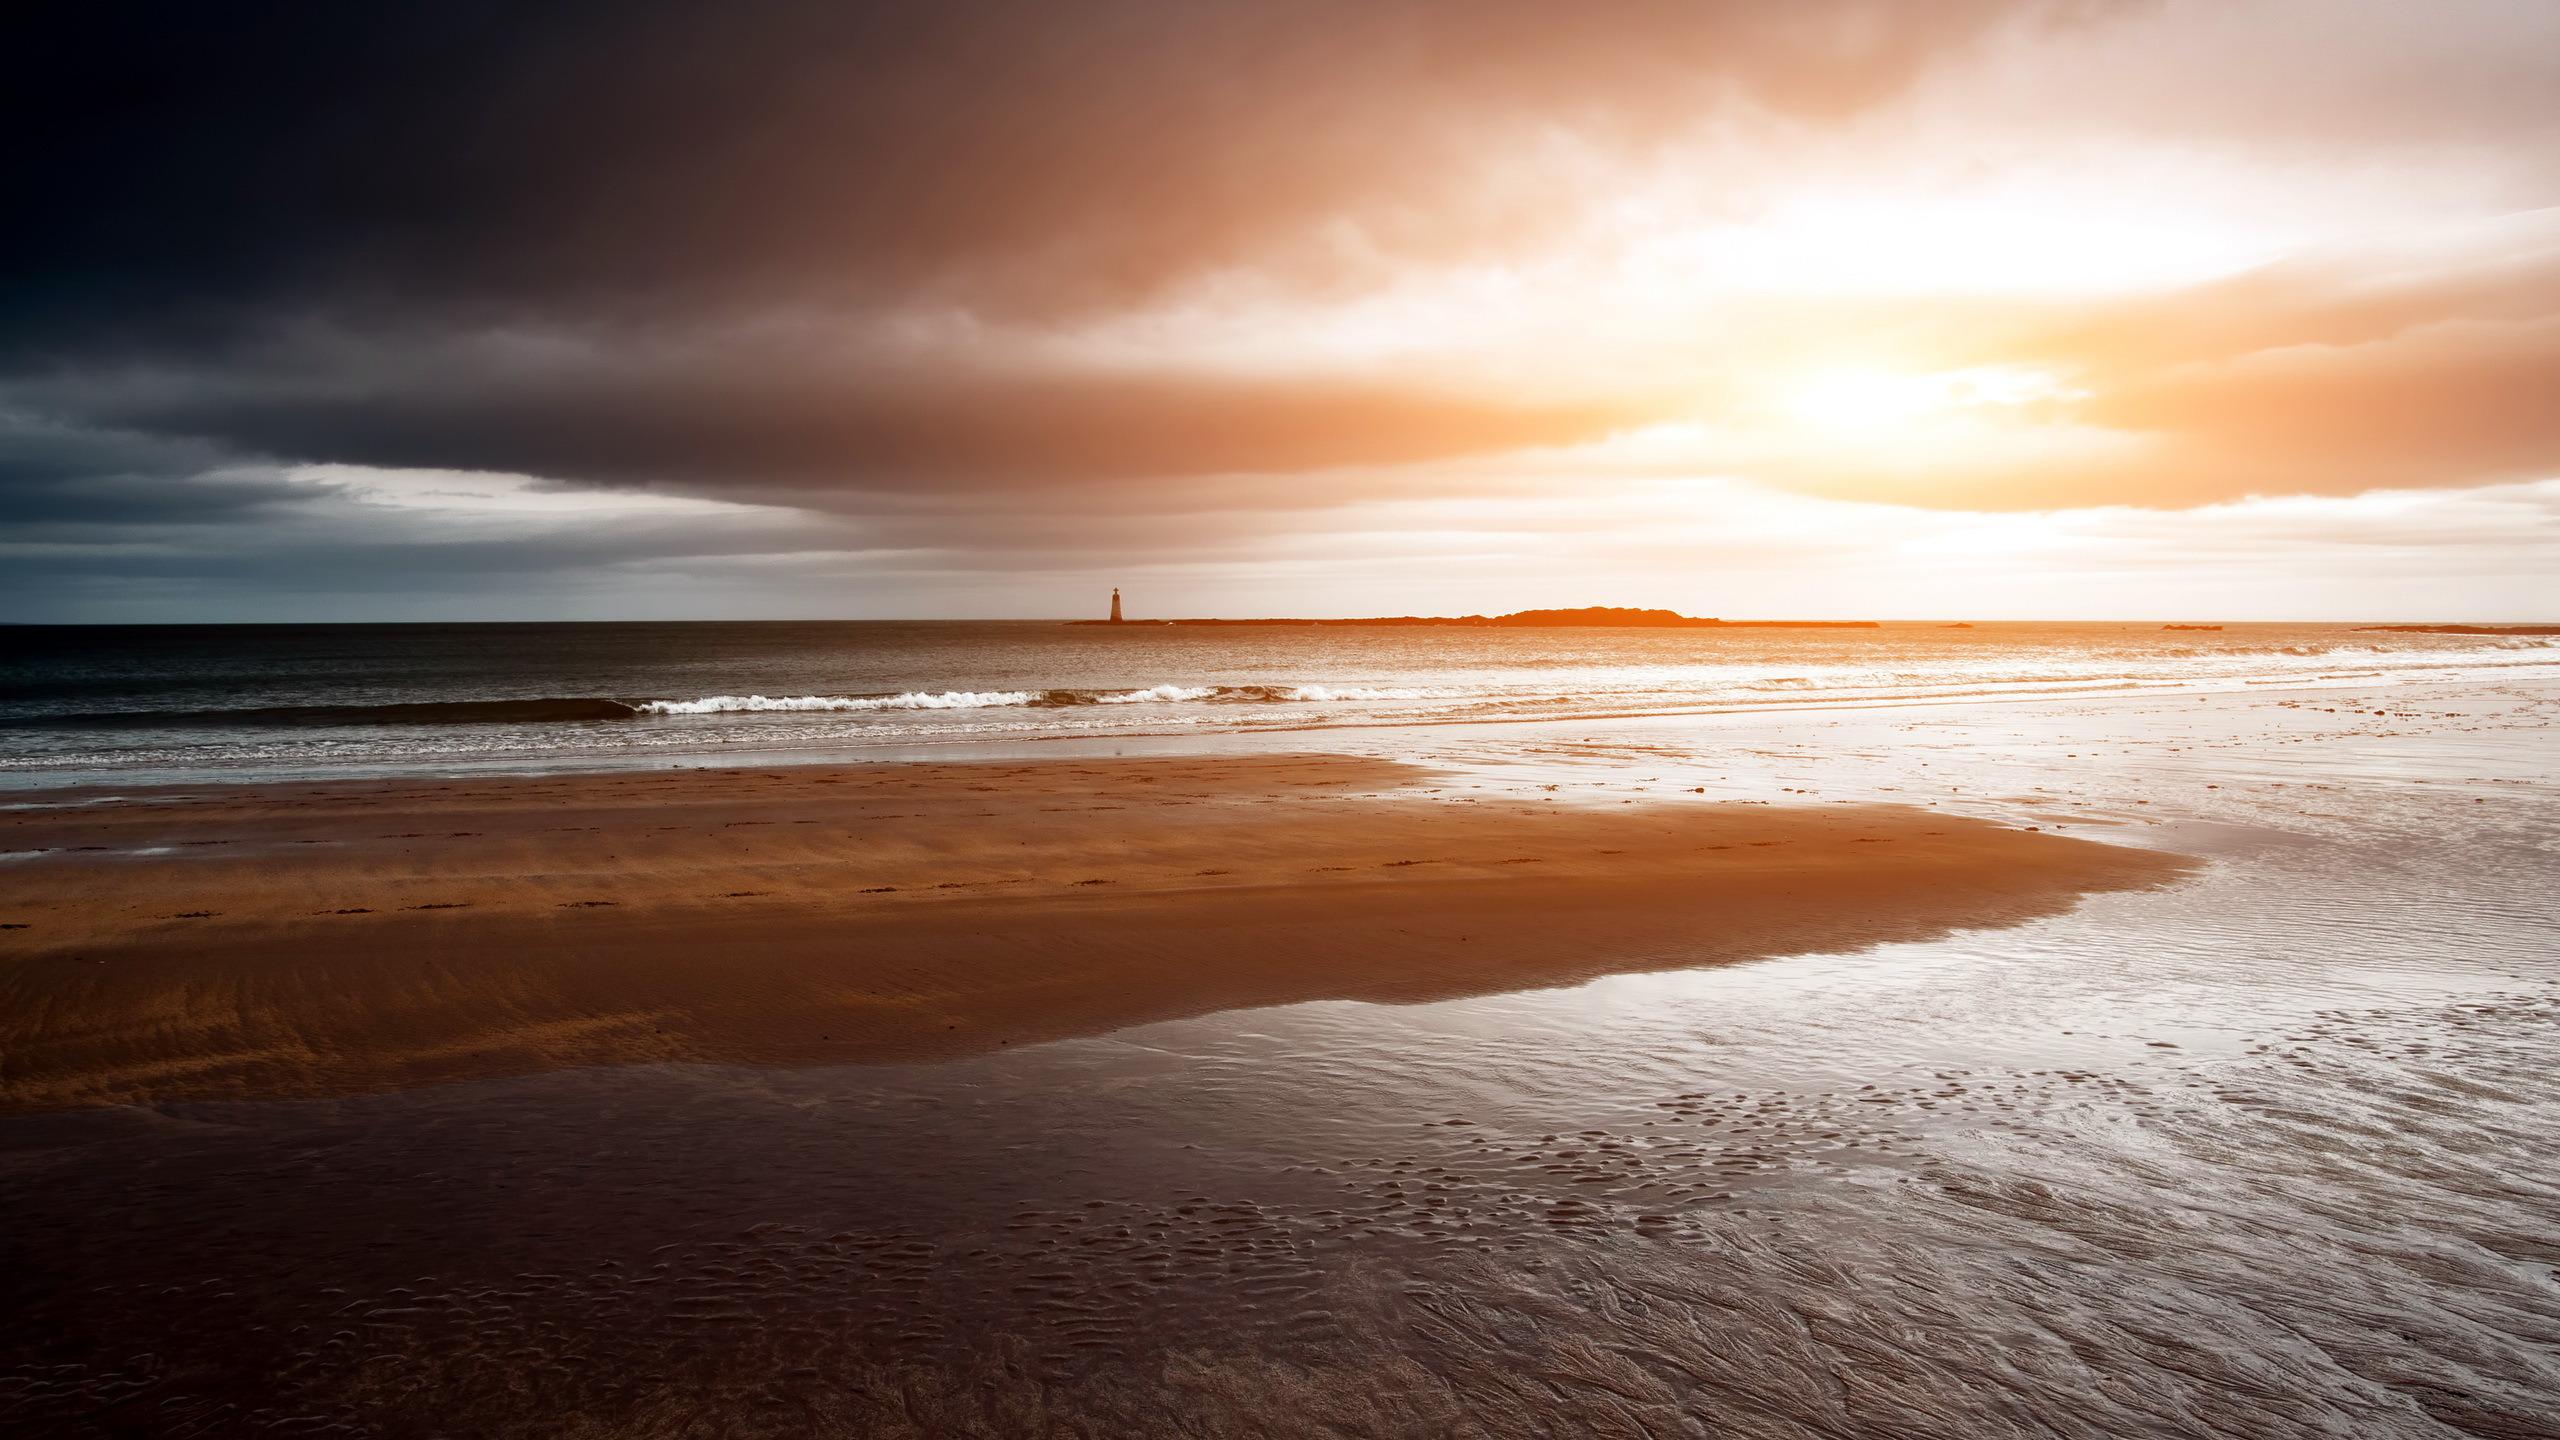 закат маяк море  № 1019954 бесплатно